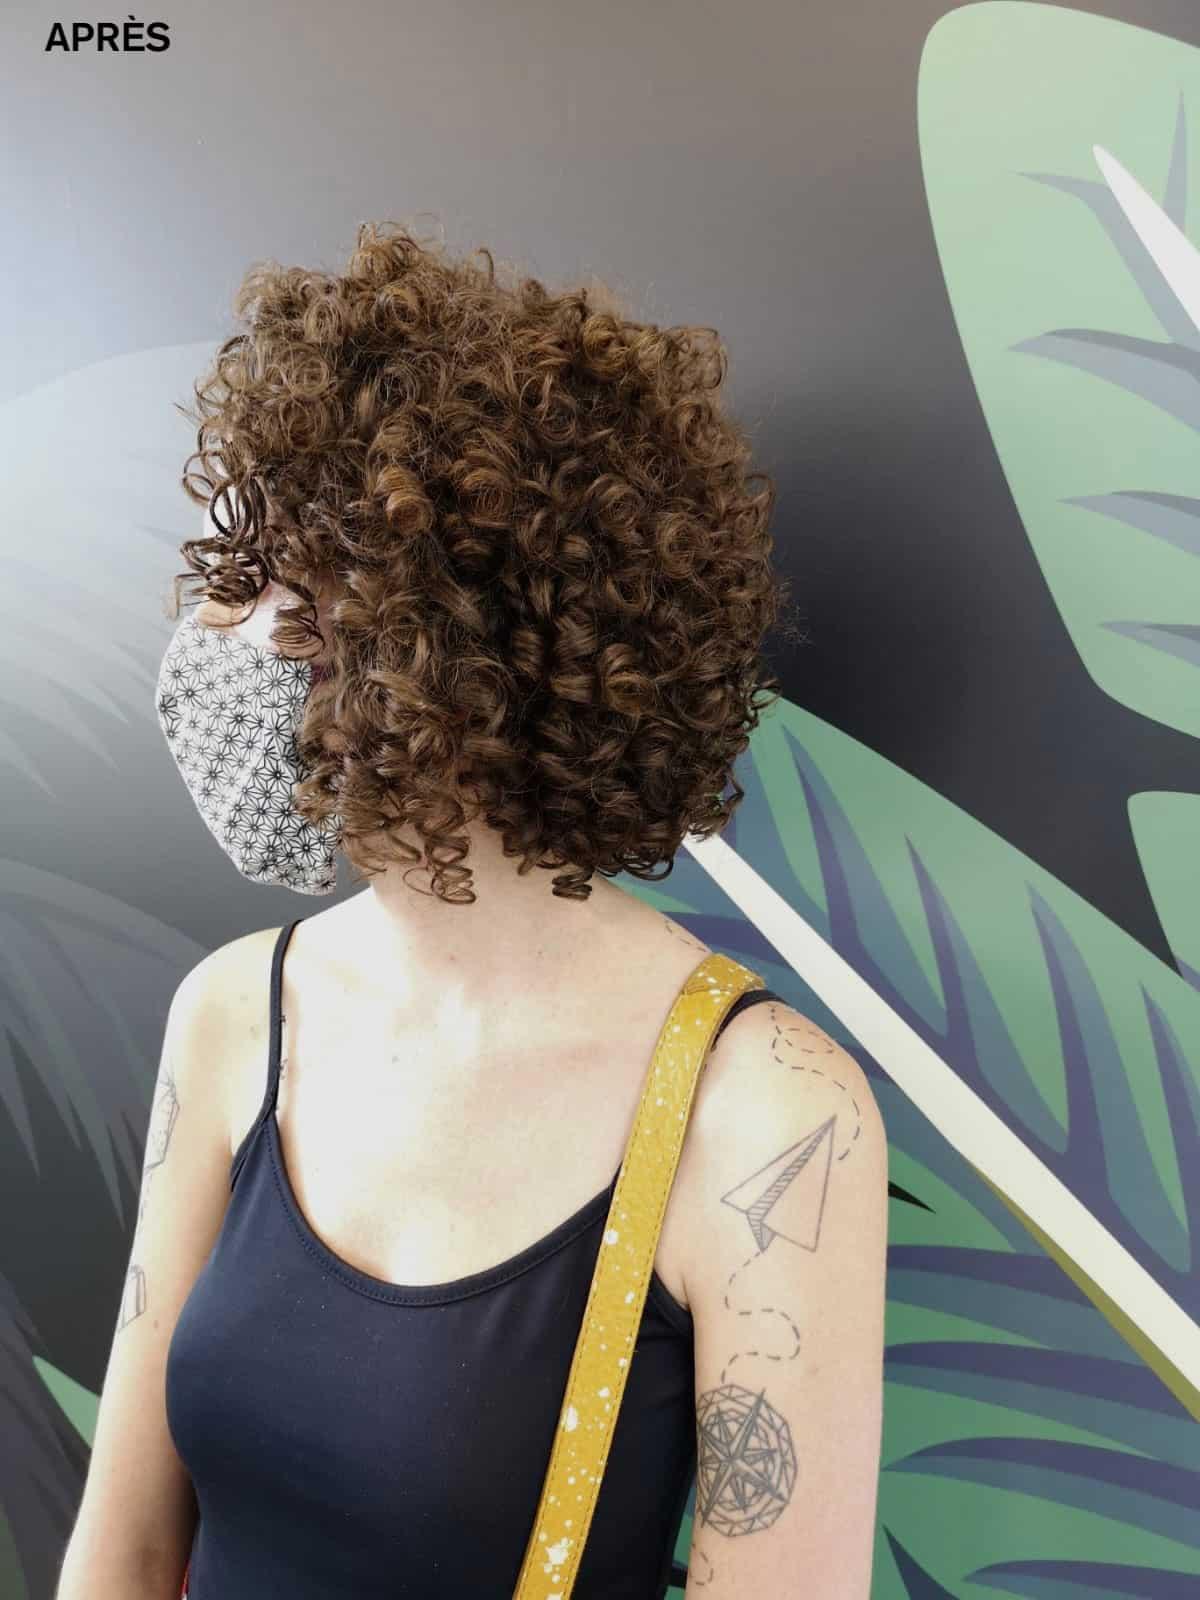 Une femme de profil avec les cheveux crépus soignés avec le wash and go.